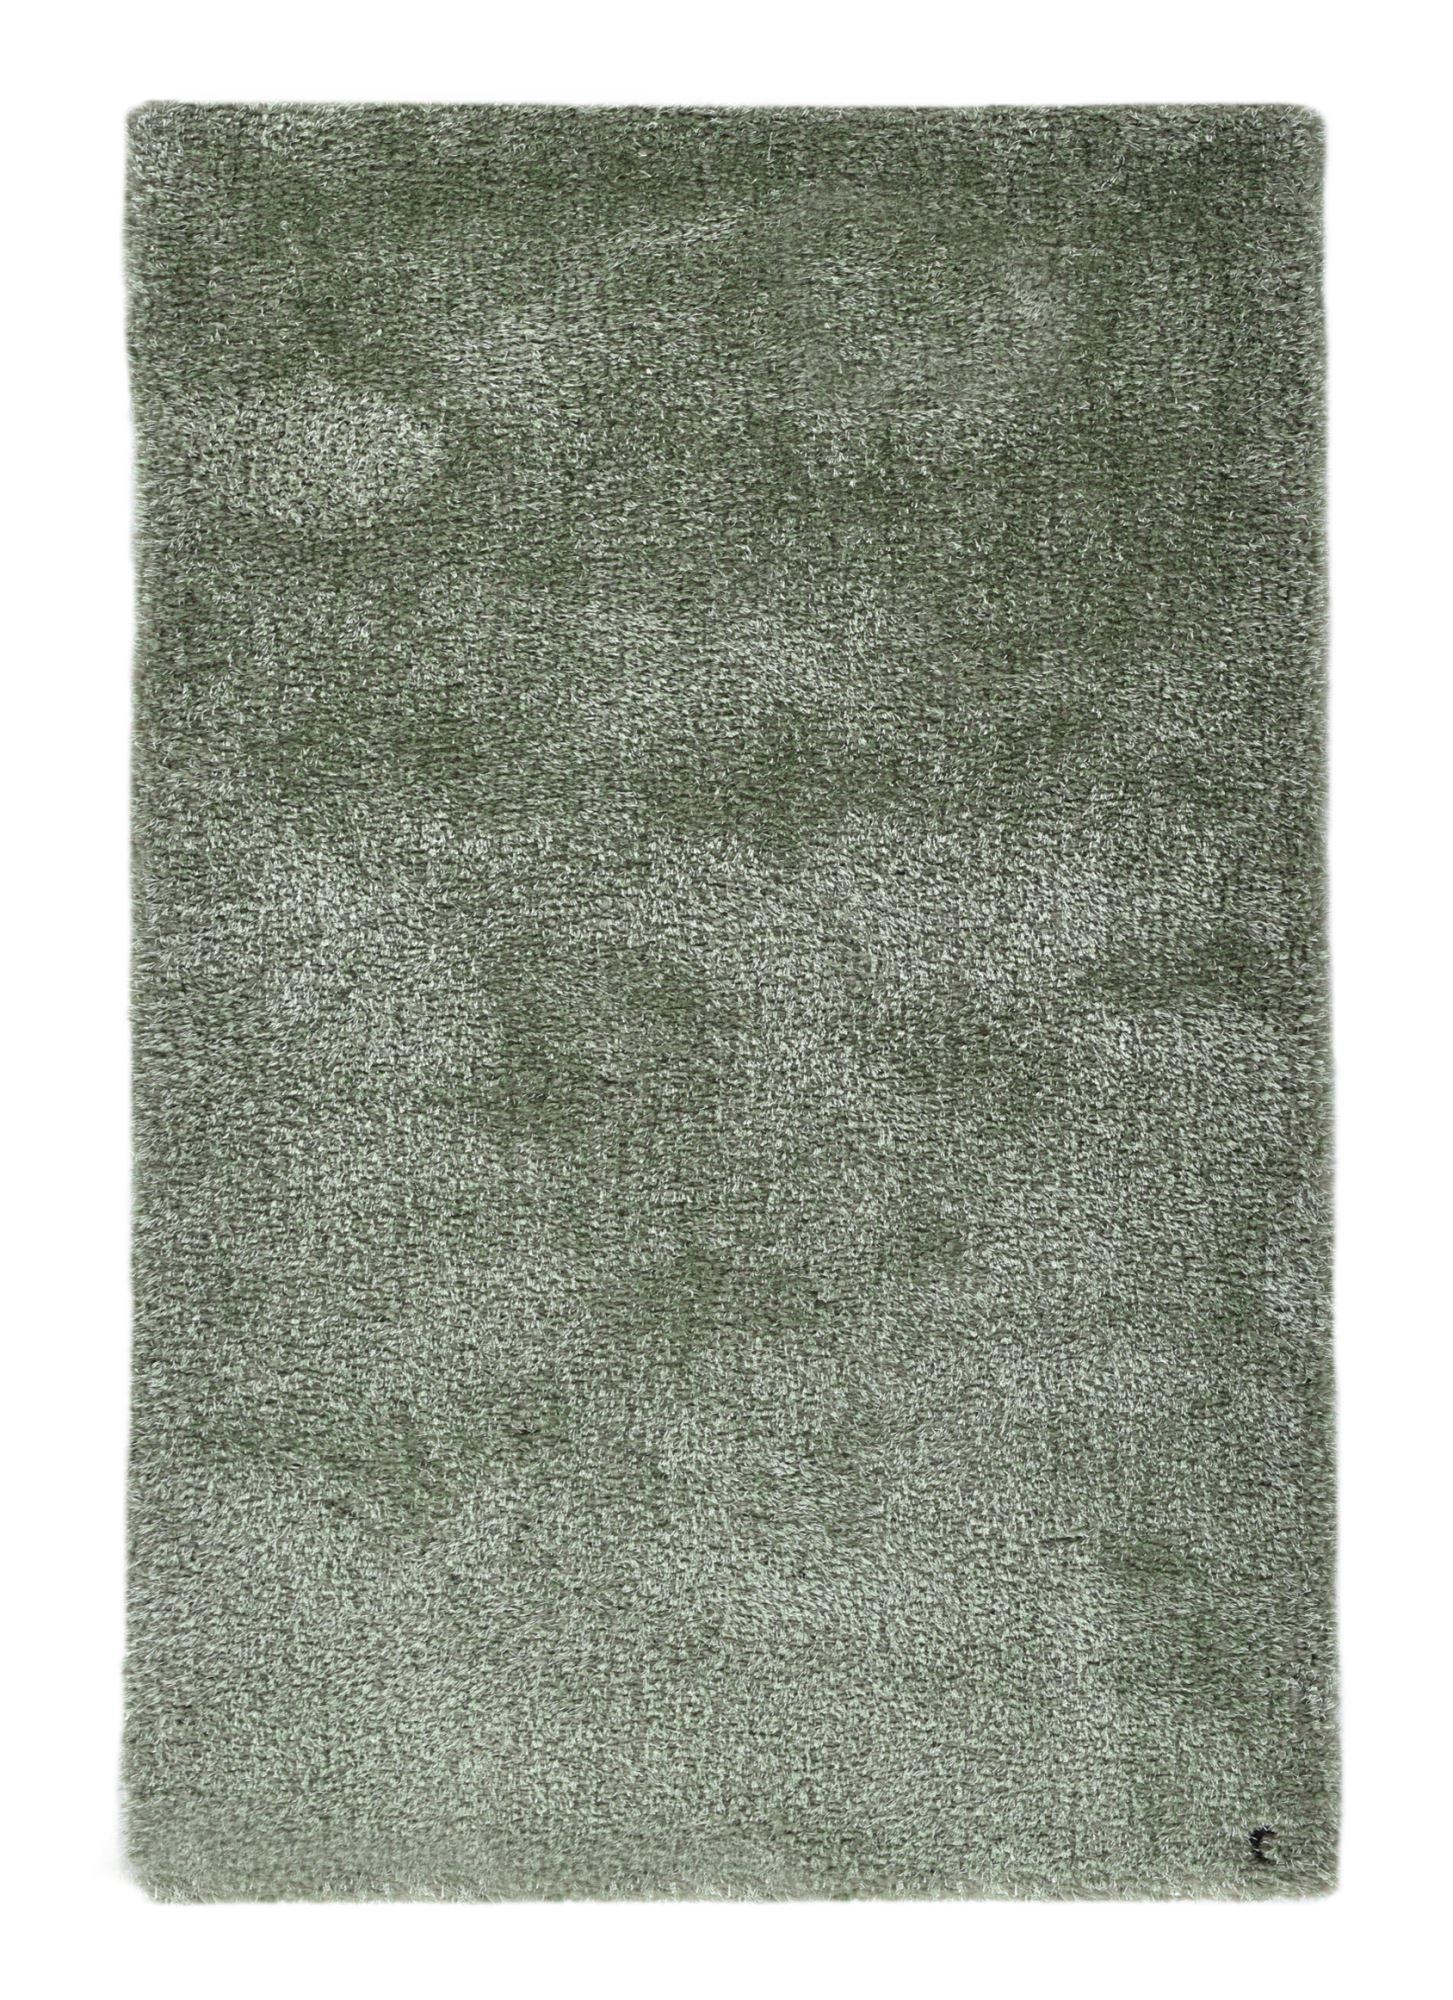 Tapis brilliant shaggy - à  longs poils - épais - Vert clair 85x155